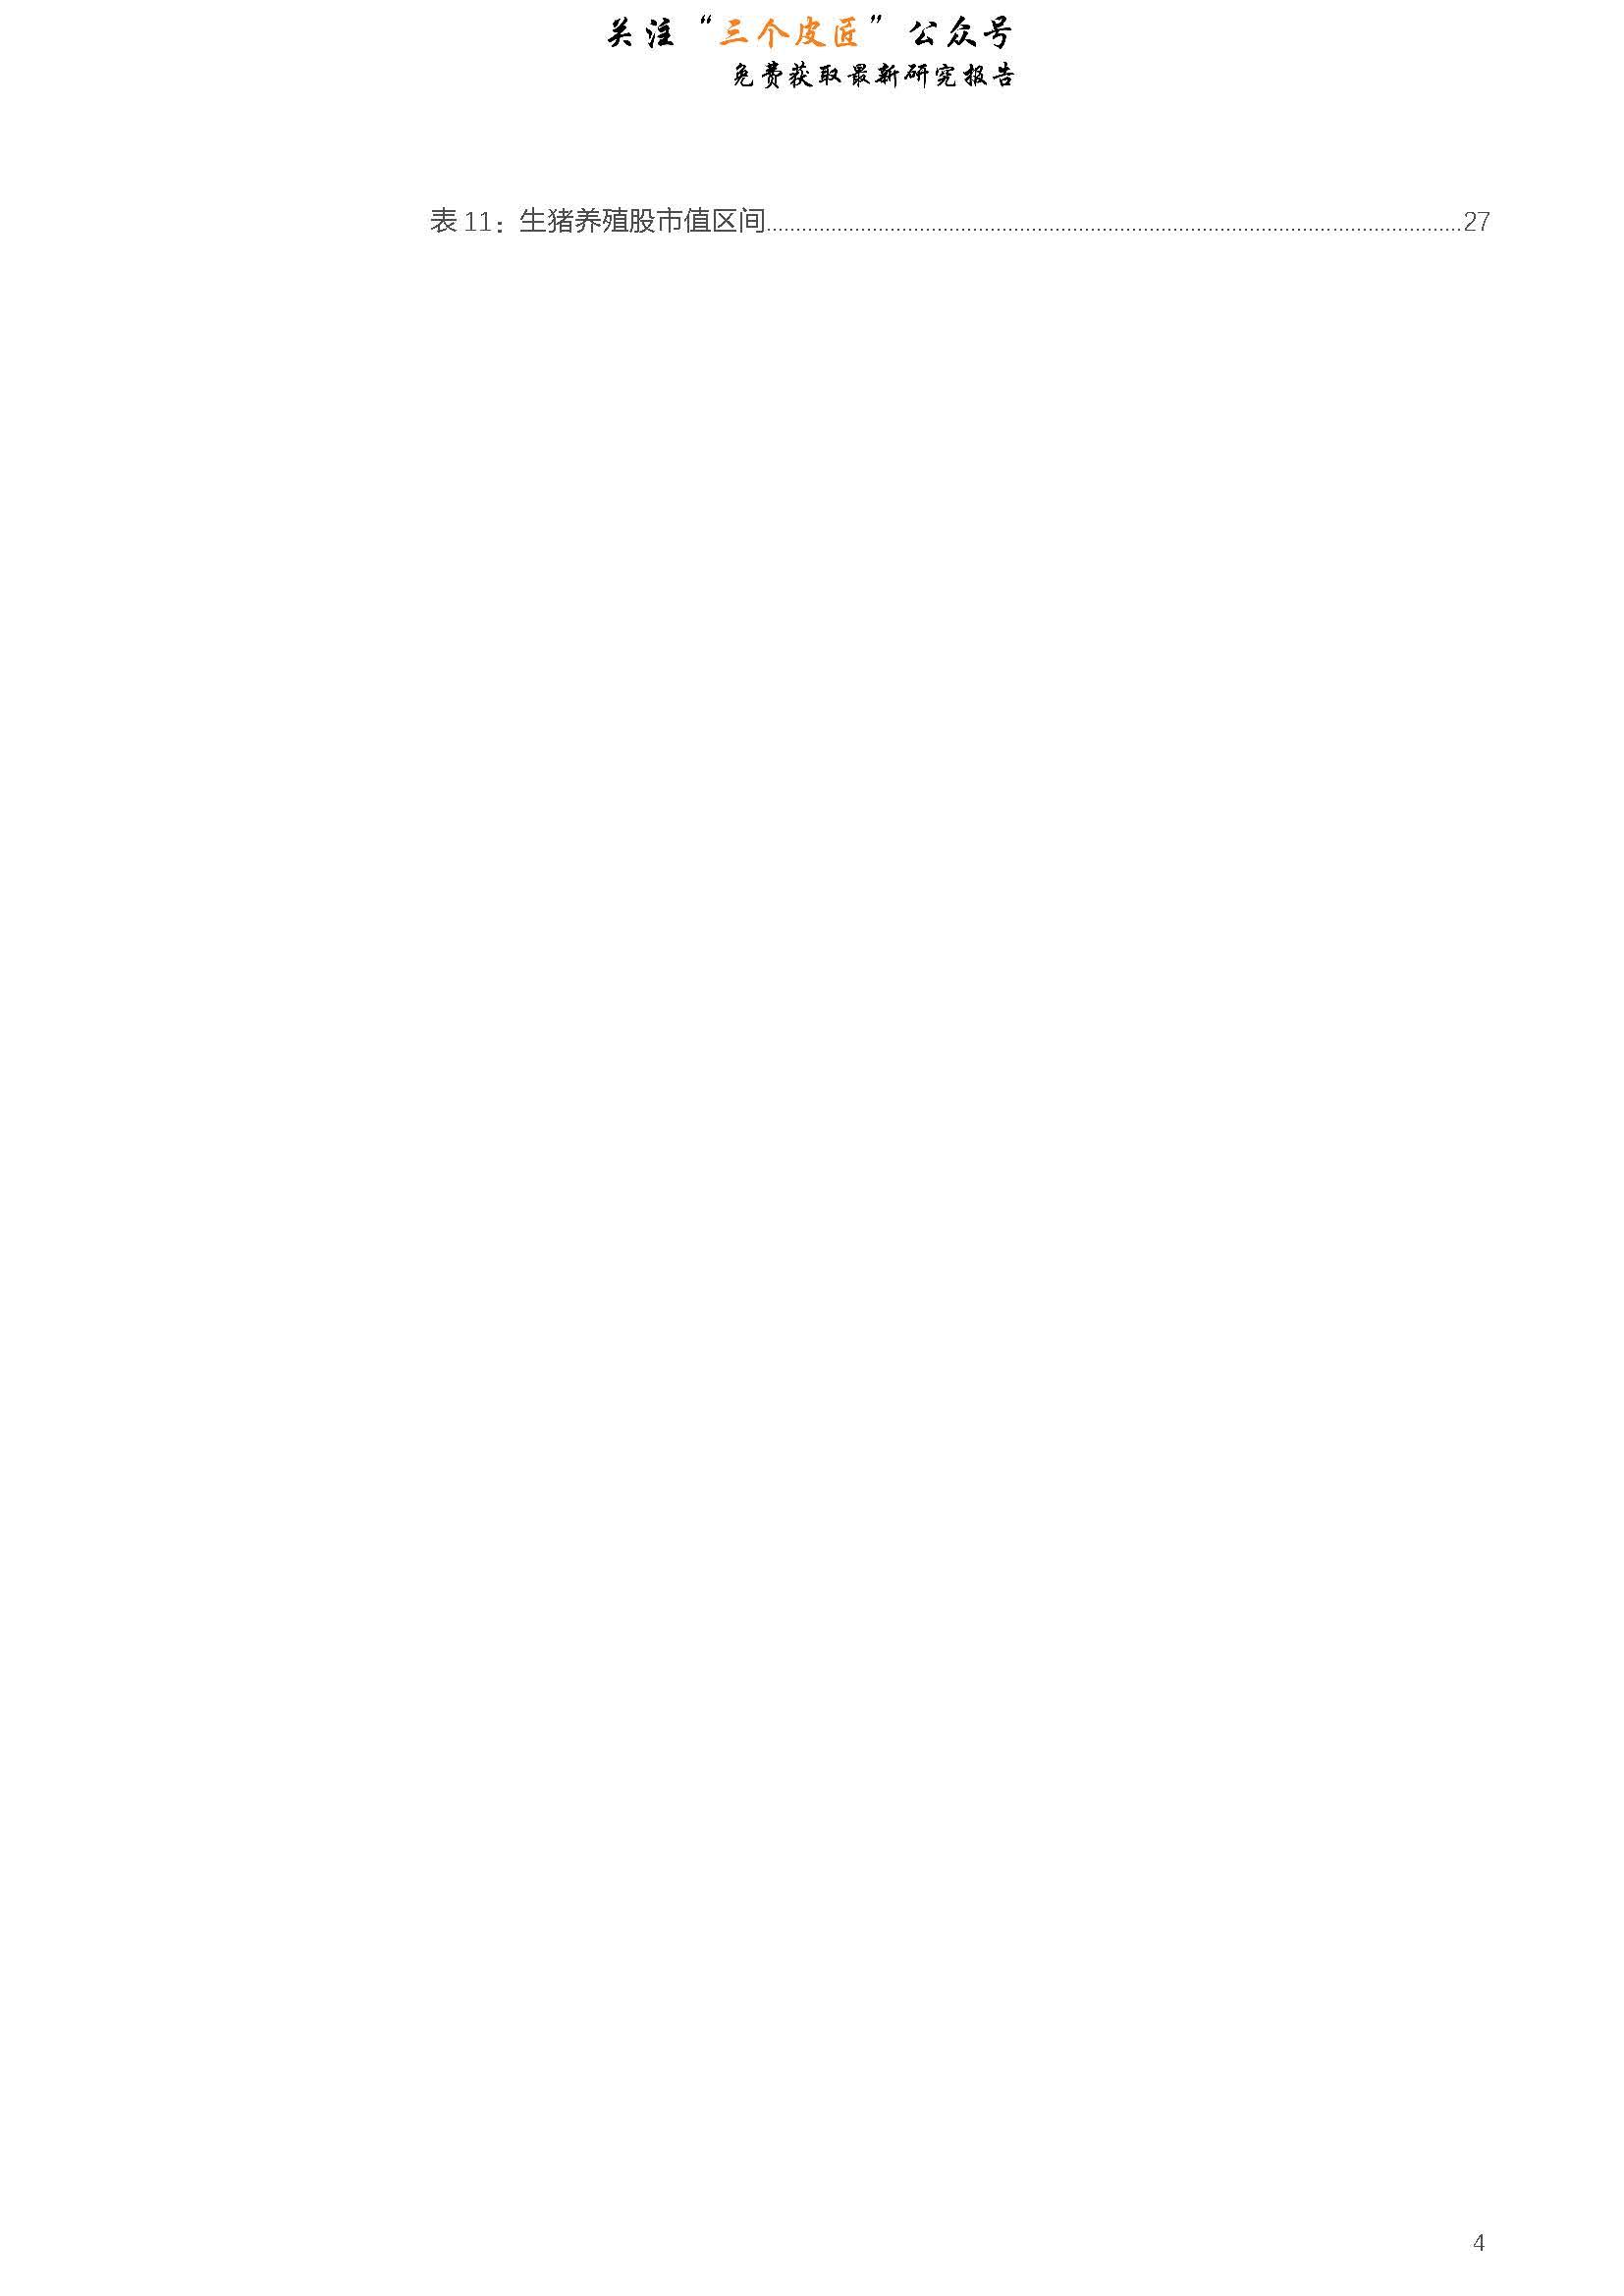 农林牧渔行业专题研究:非洲猪瘟加速产能去化,区域猪价拐点或已到来!-181204_页面_04.jpg